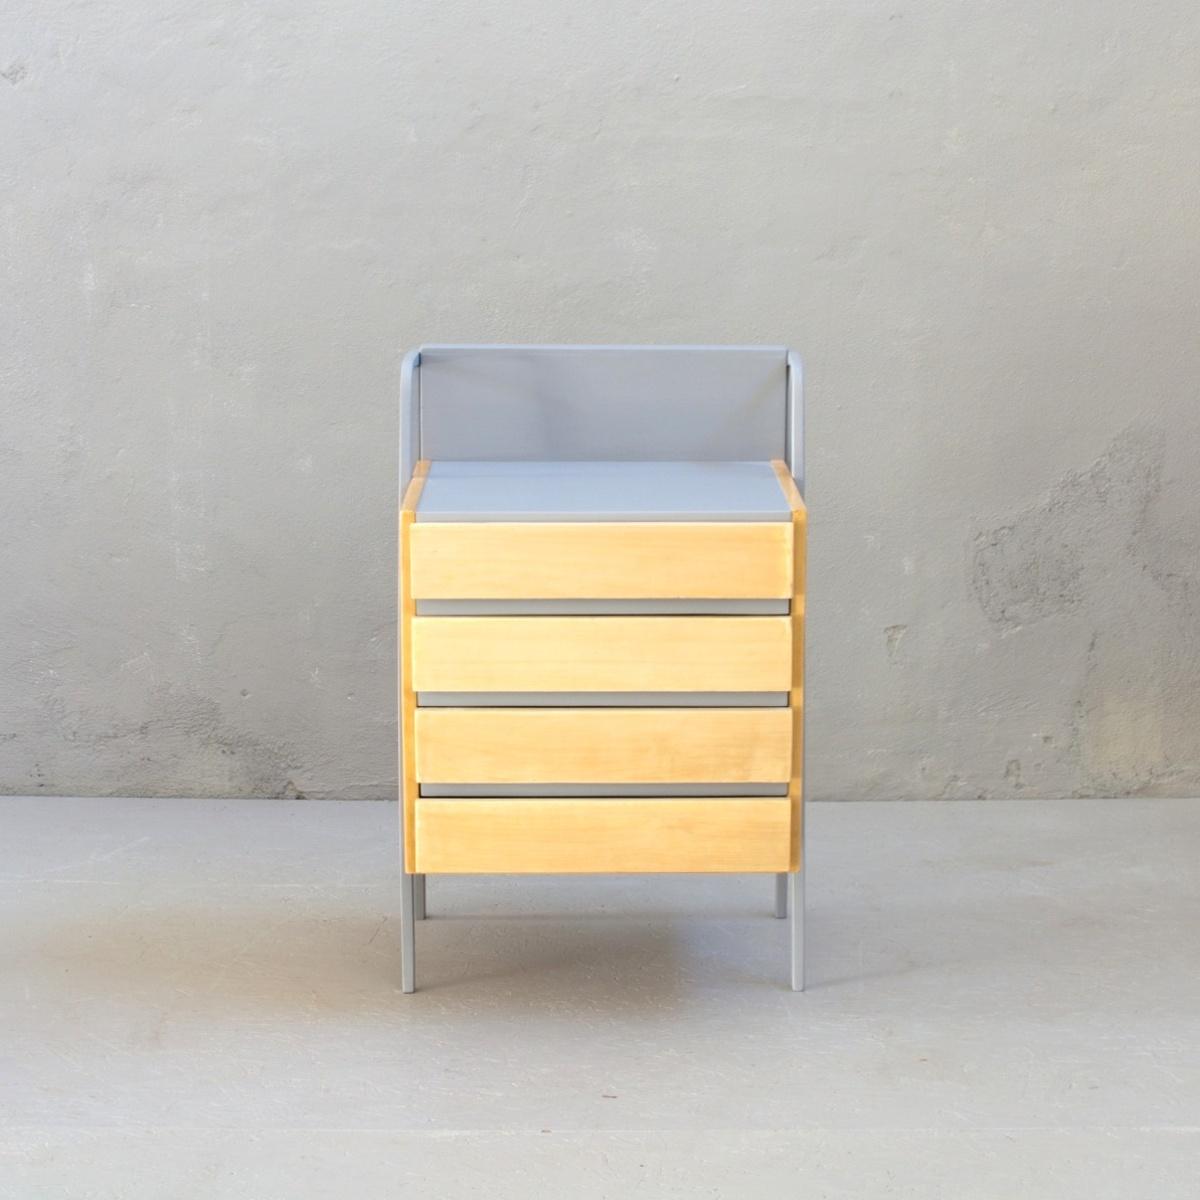 Prodej retro nábytku retro komoda